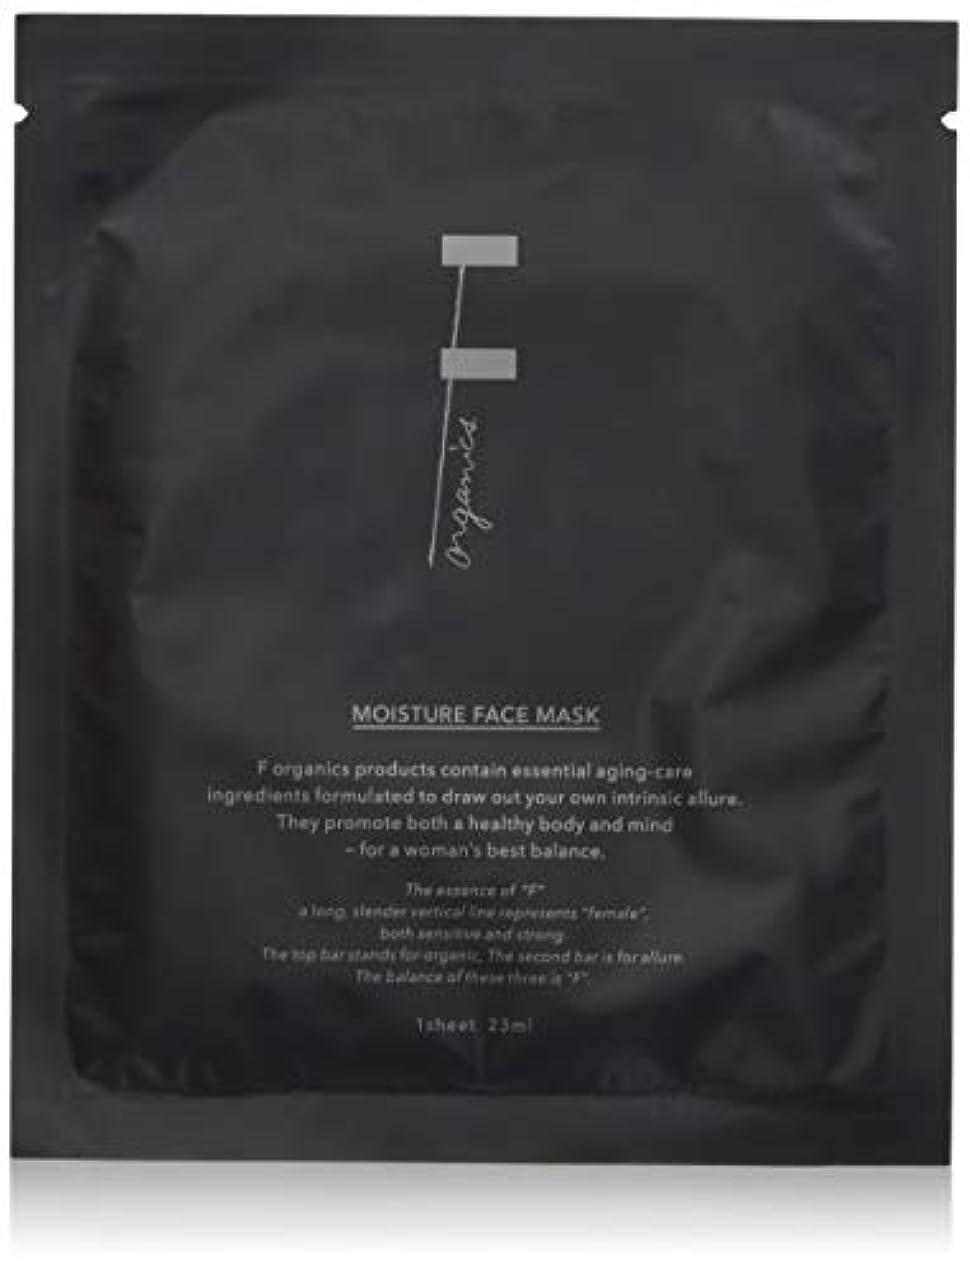 ロンドン不利オークF organics(エッフェオーガニック) モイスチャーフェイスマスク(23mL×1枚入)